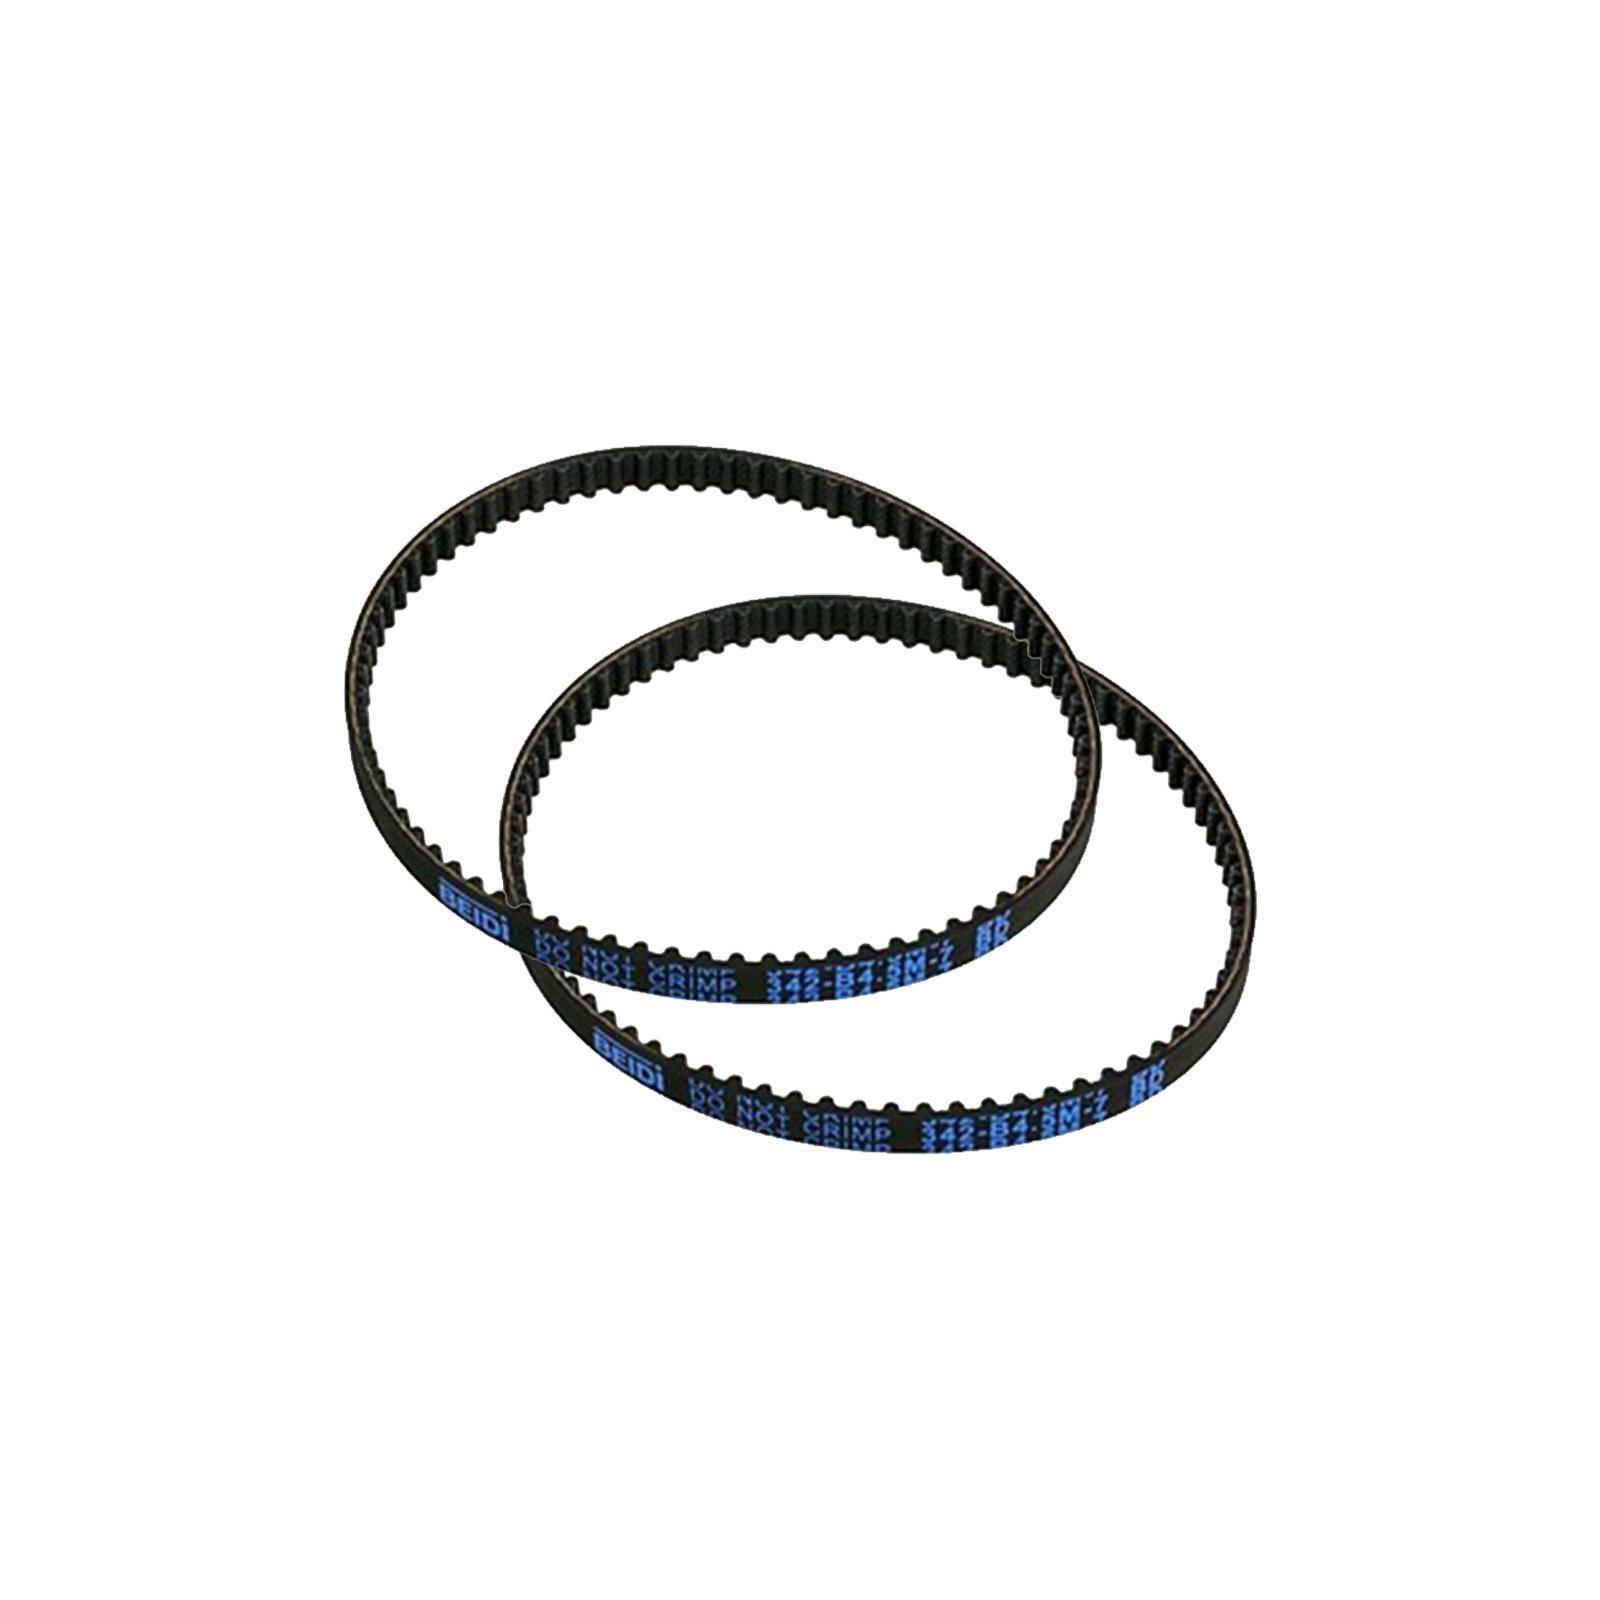 valex cinghia di trasmissione per levigatrice valex ln850/ln860